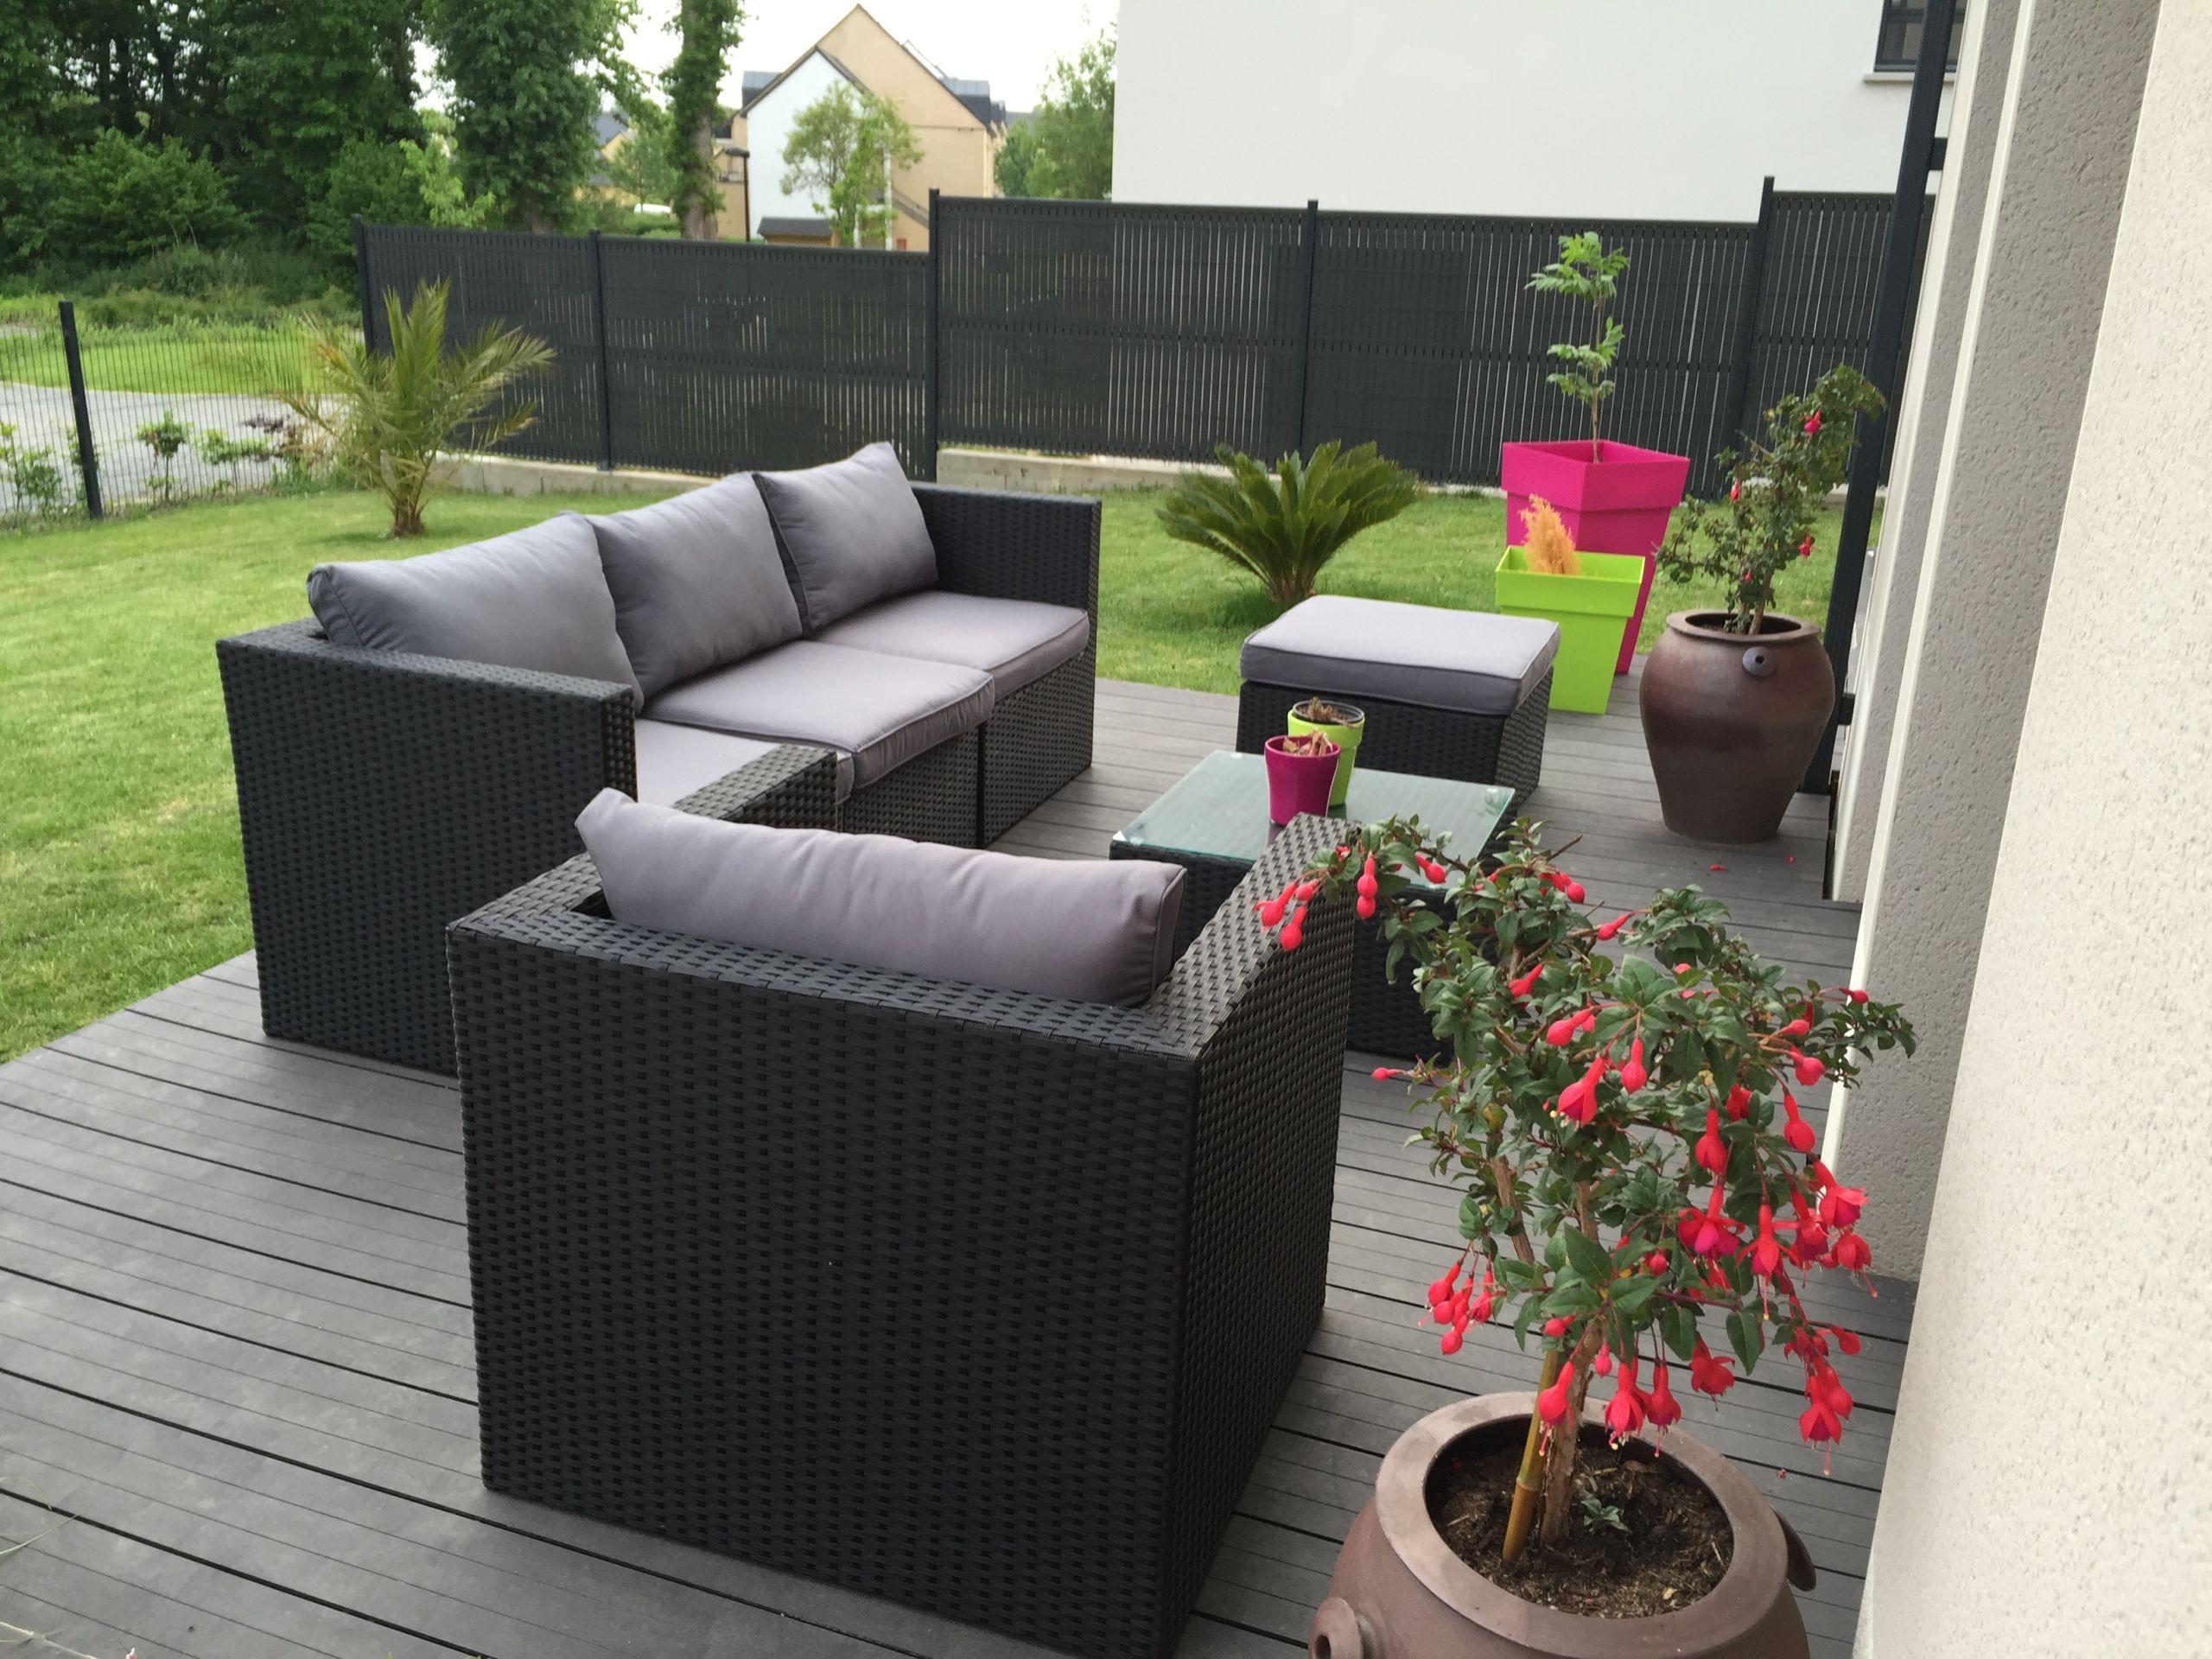 Table De Jardin Resine Luxe Dalle Terrasse Ikea | Salon Jardin à Ikea Meuble De Jardin